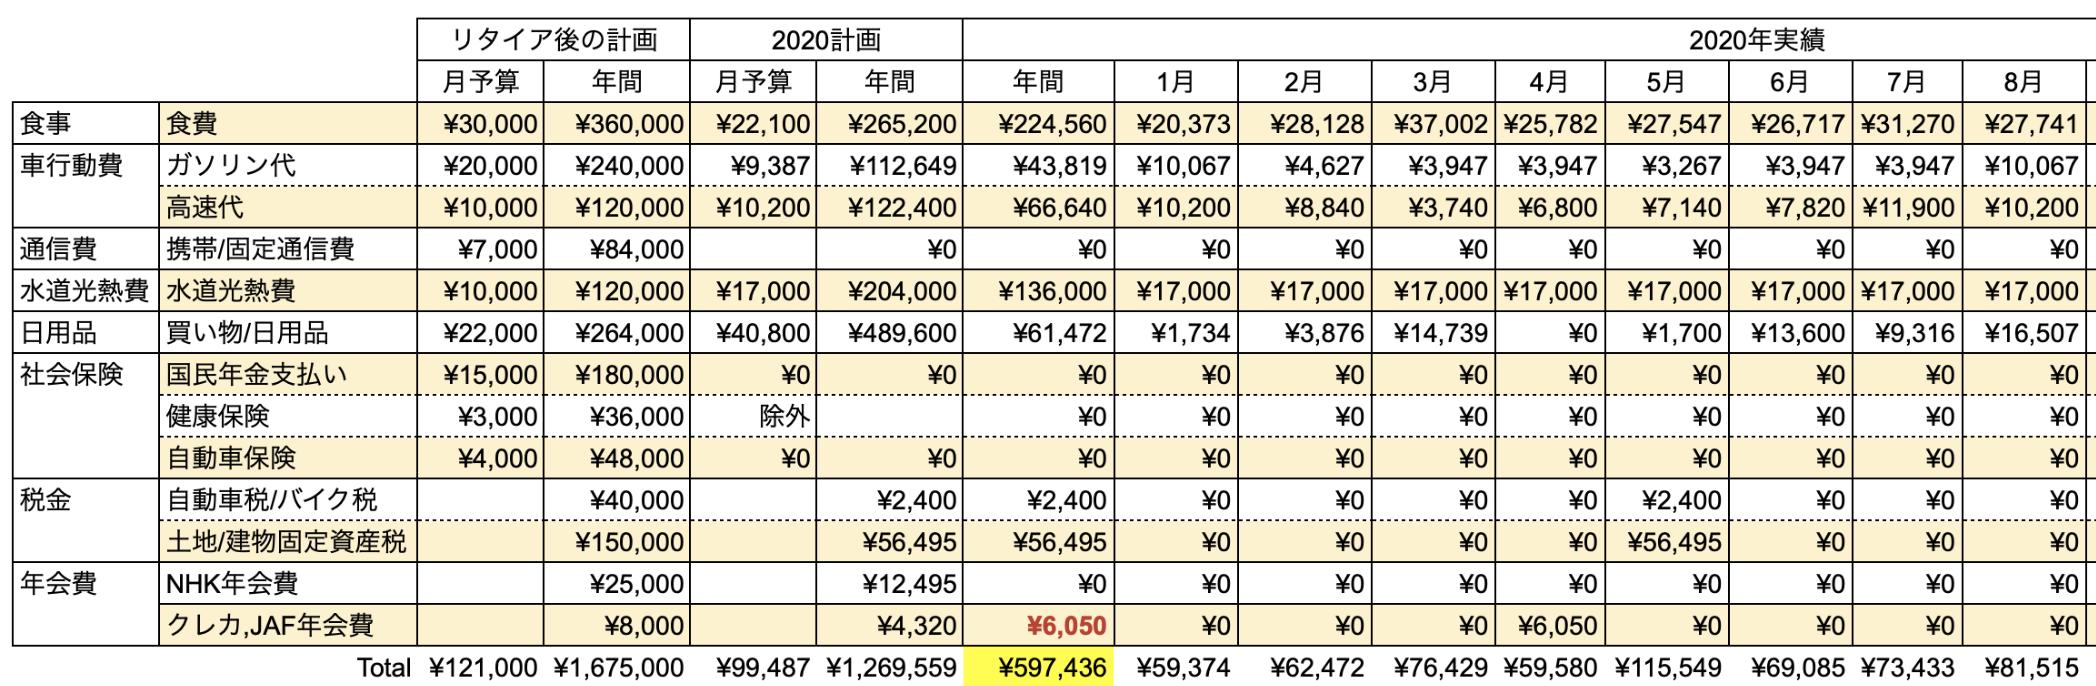 支出実績2020_08月_生活費